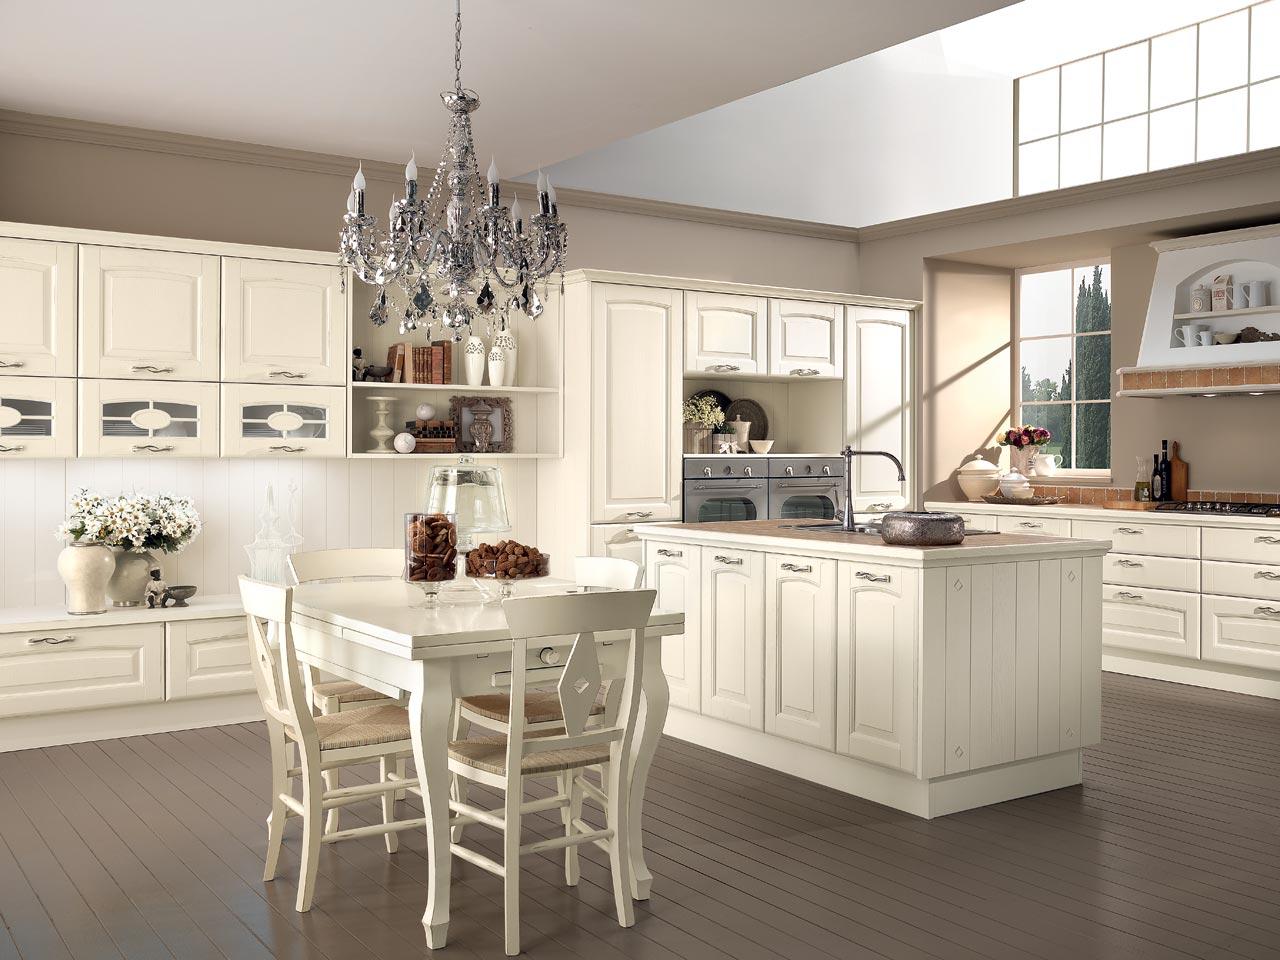 Cucine classiche arredare in uzzano soluzioni arredamento for Cucine classiche